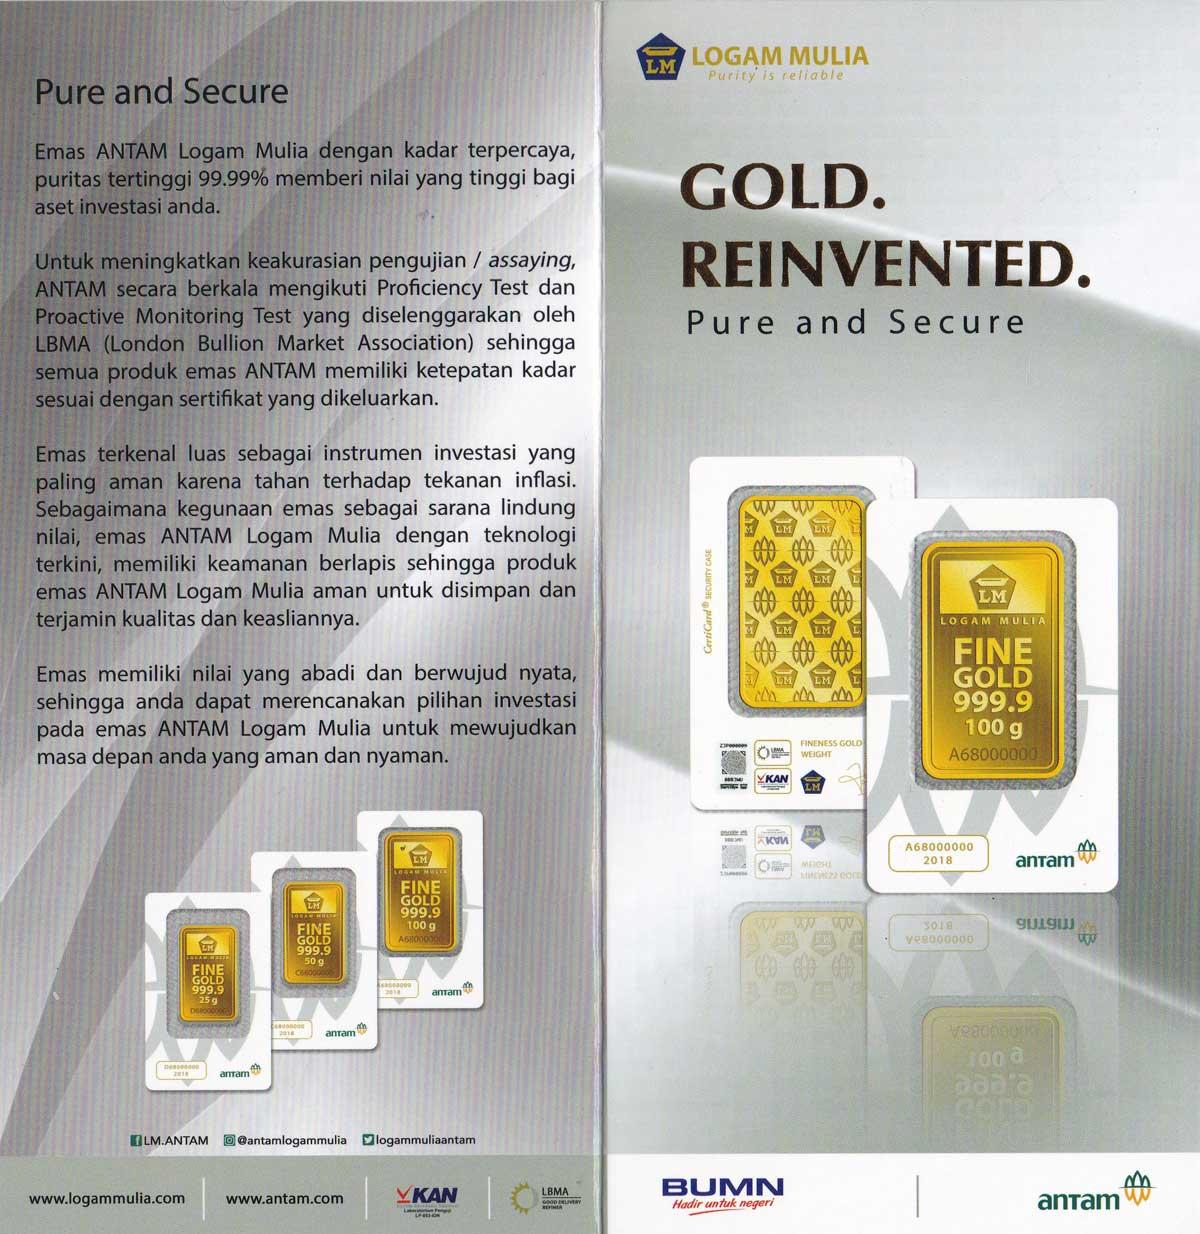 Cara Mengetahui Keaslian Emas Antam Reinvented Yang Baru Indogold Support